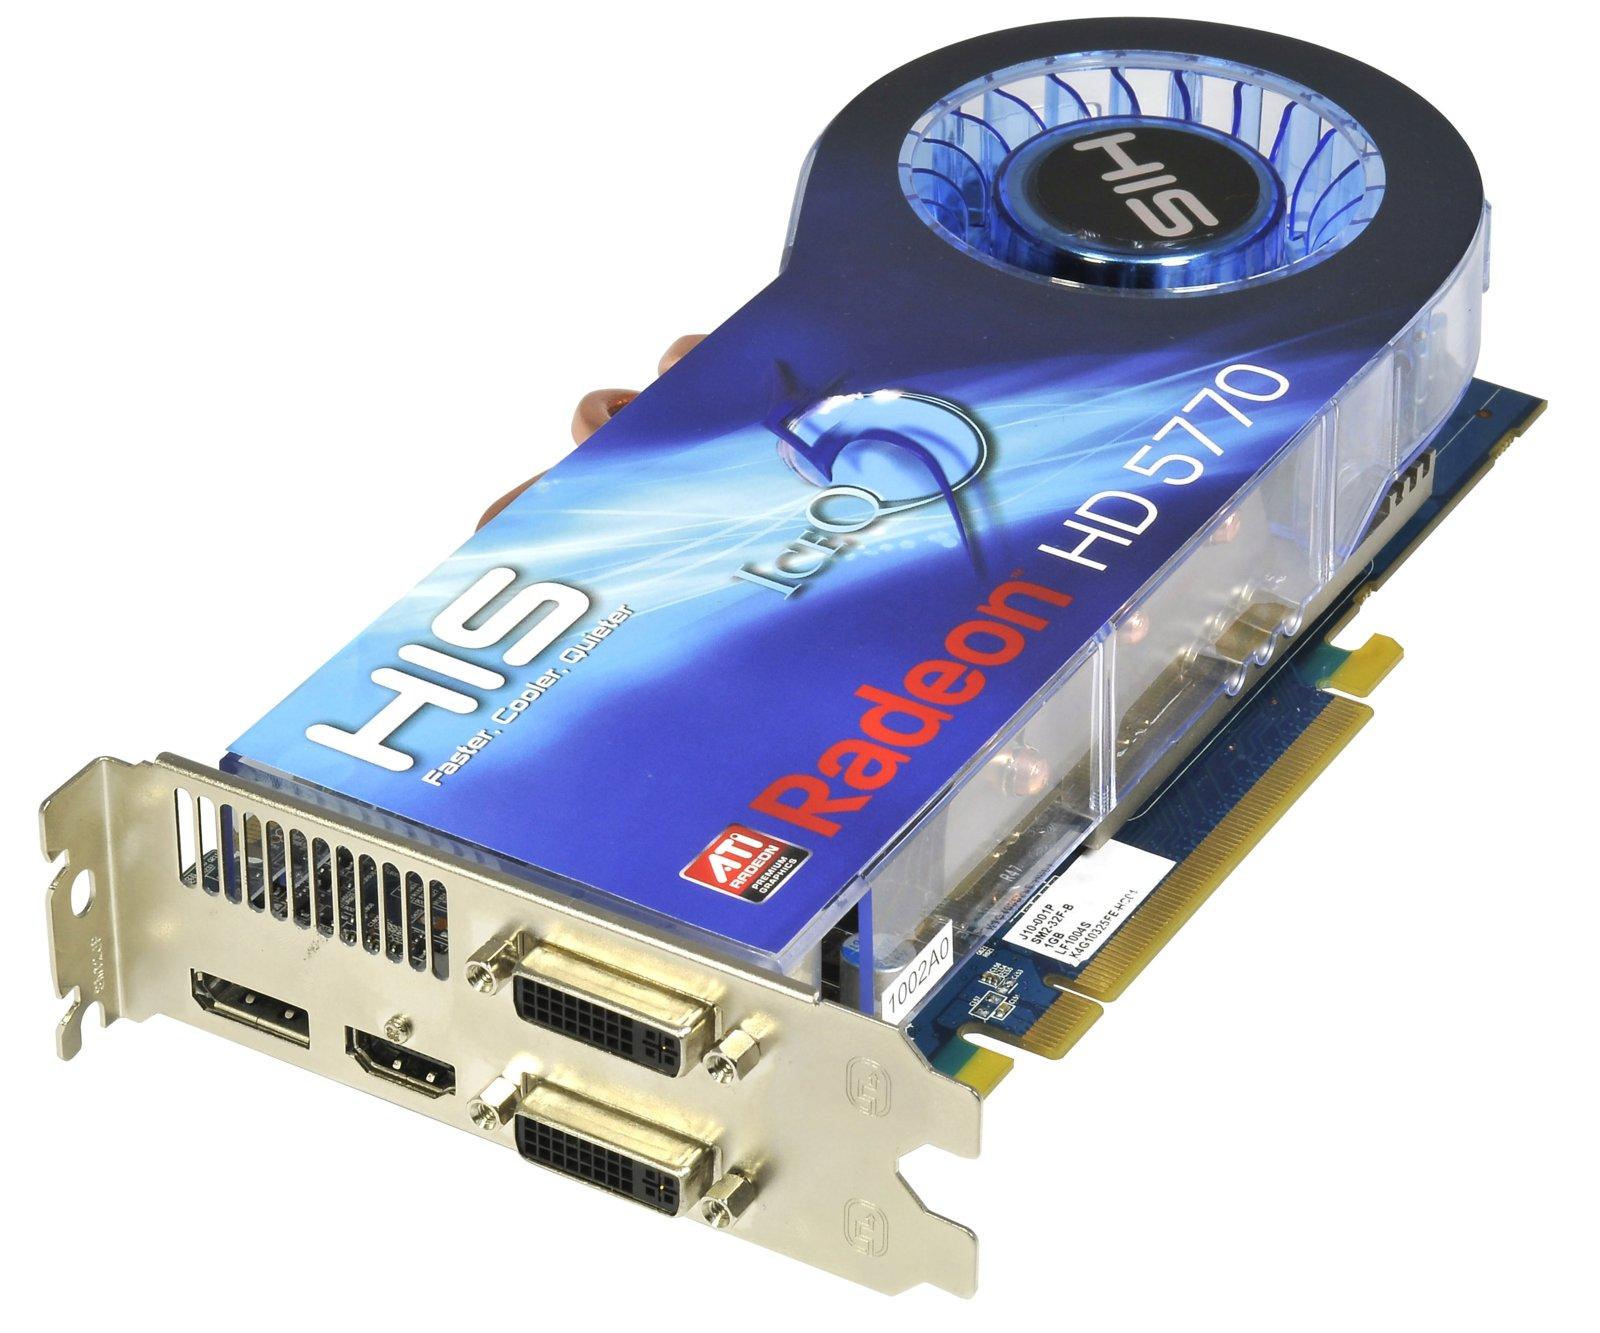 HIS HD 5770 IceQ 5 1GB (128bit) GDDR5 PCIe (DirectX 11